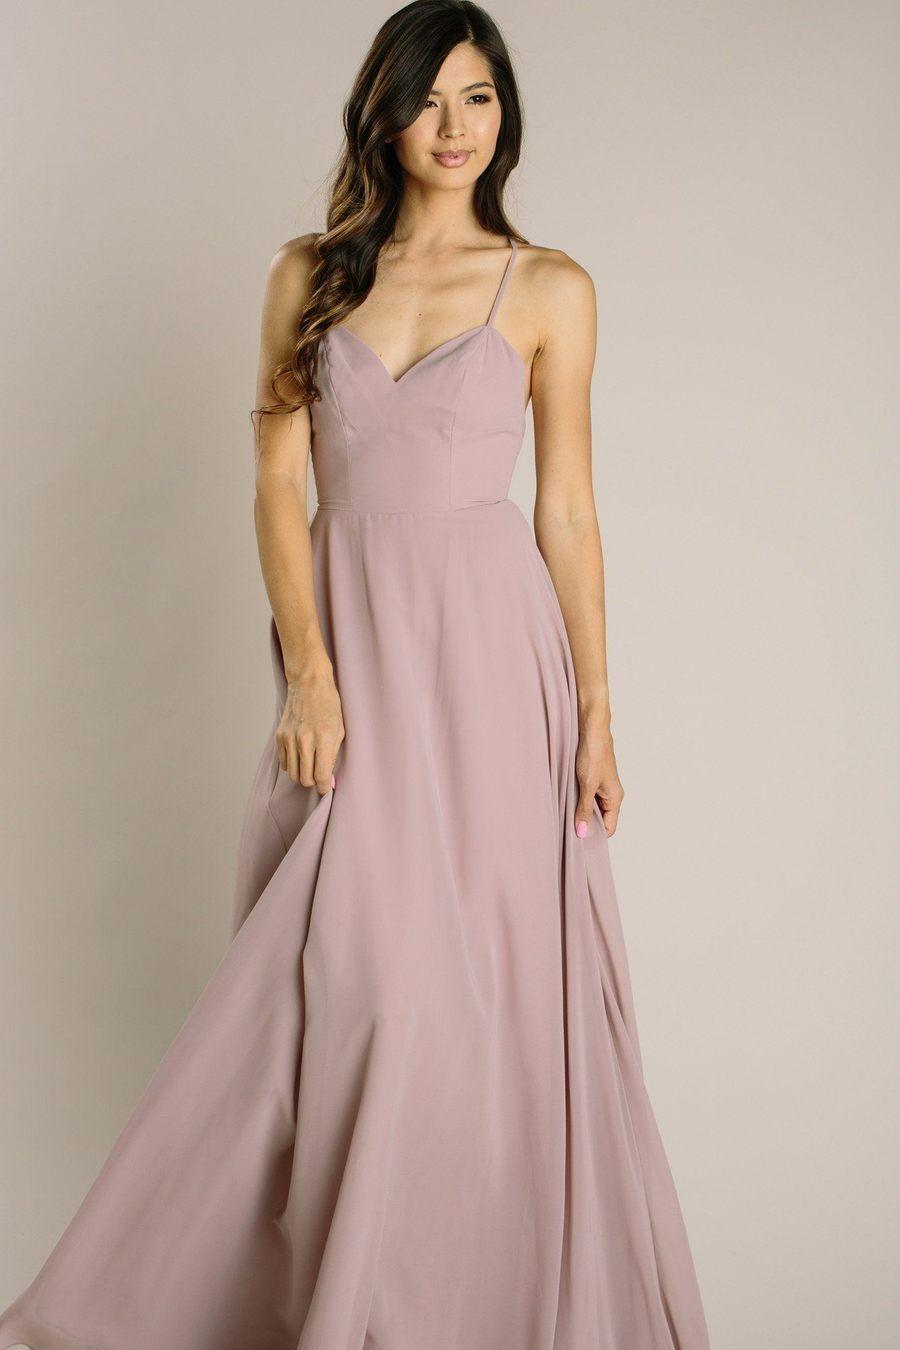 Mia Sweetheart Maxi Dress Dresses Boutique Maxi Dresses Maxi Dress [ 1350 x 900 Pixel ]